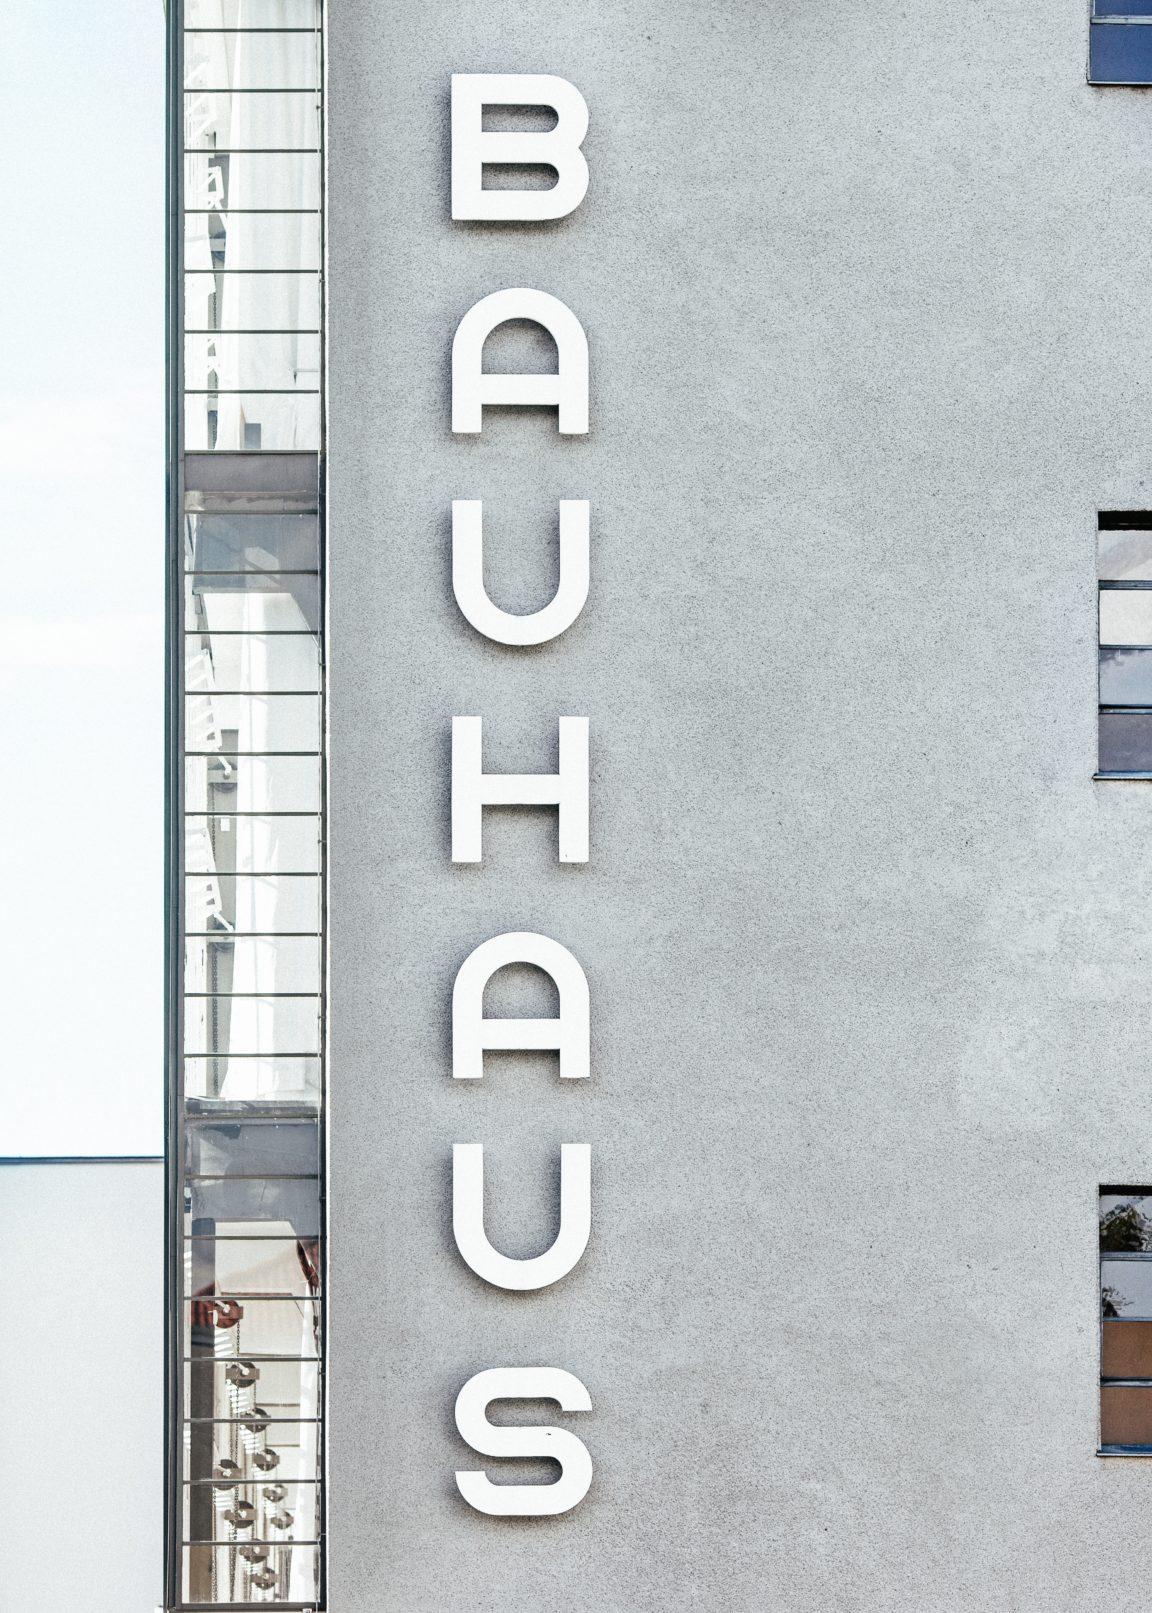 Bauhaus concrete apartment building